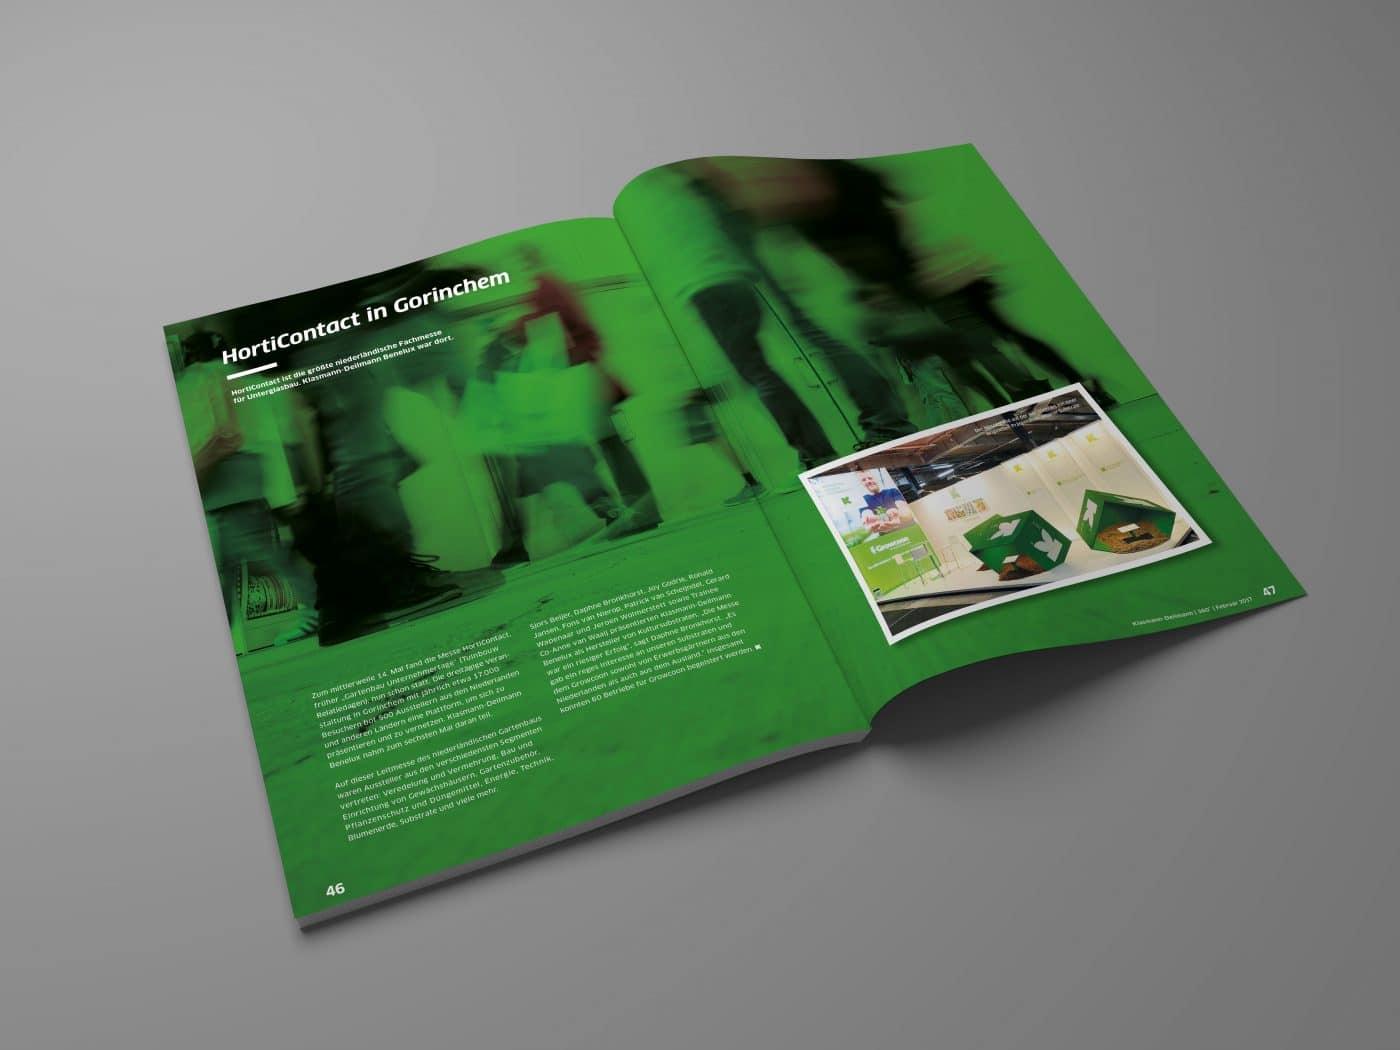 kd jahrbuch 06 - Ein rundum gelungenes Mitarbeiterjahrbuch – Corporate Design, Grafikdesign, Kommunikationsdesign, Branding, Markenentwicklung, Editorial Design